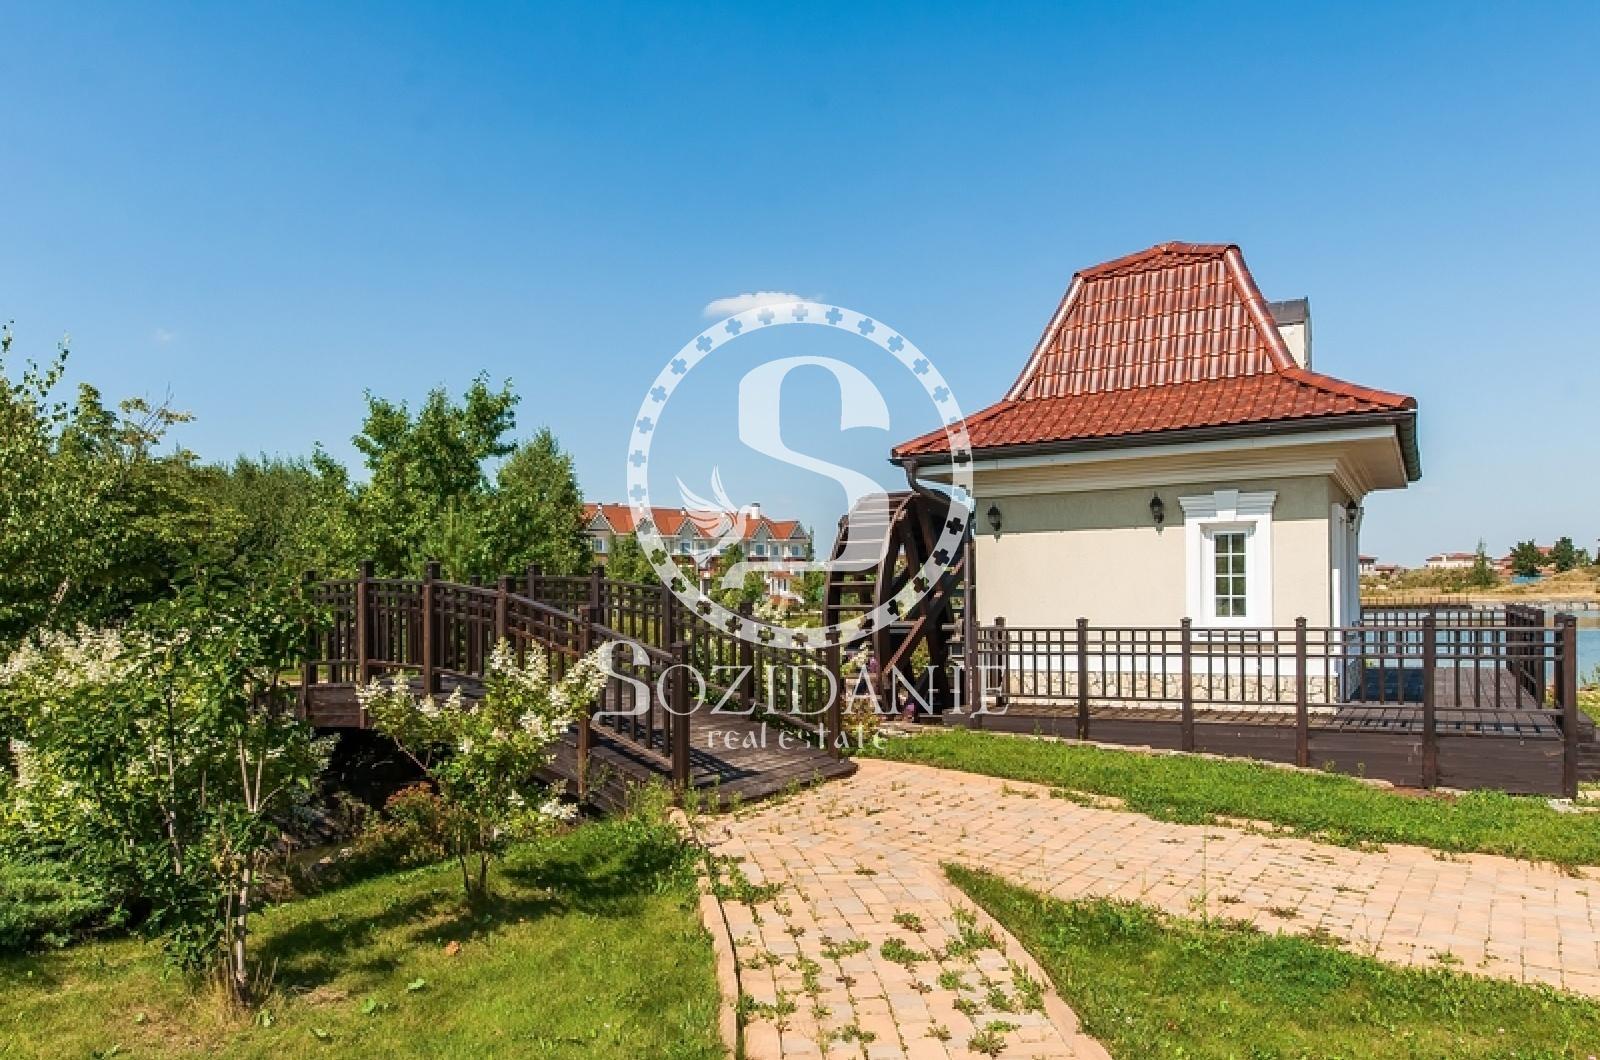 4 Bedrooms, Загородная, Продажа, Listing ID 1423, Московская область, Россия,